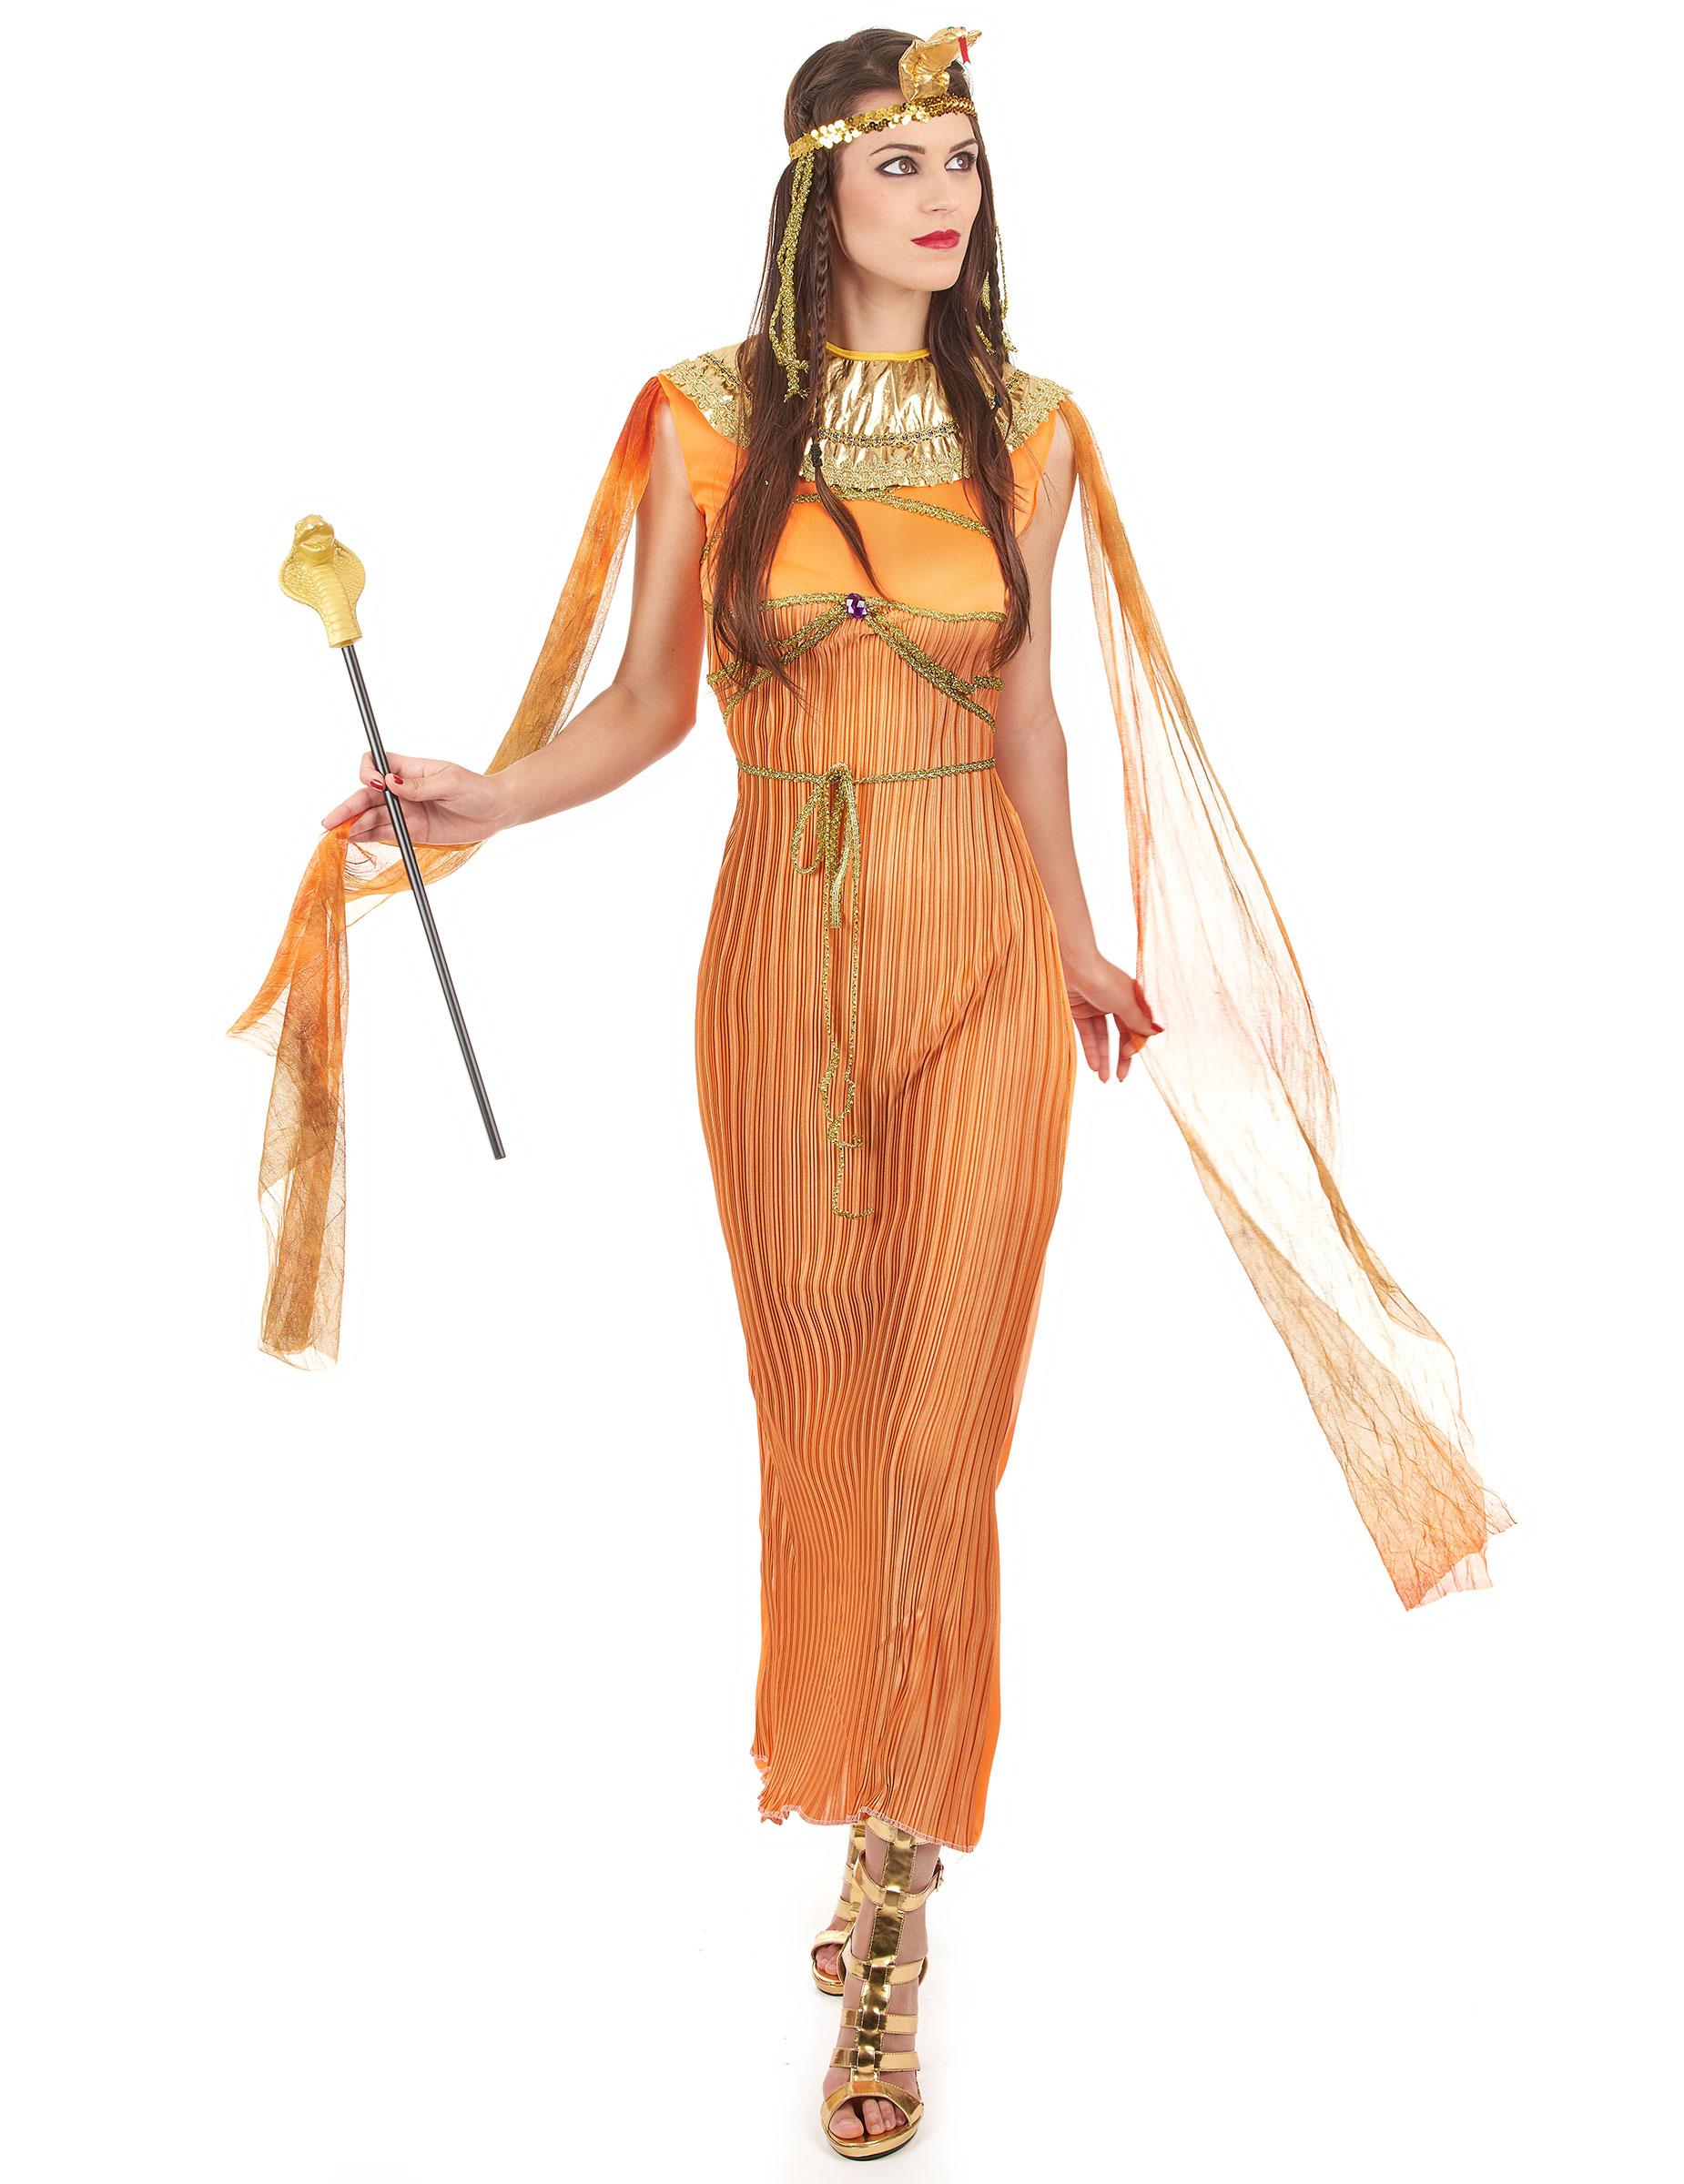 Feste Vegaooparty Egiziana Di Per Negozio Su Vestito Articoli Donna qHZBwUx8